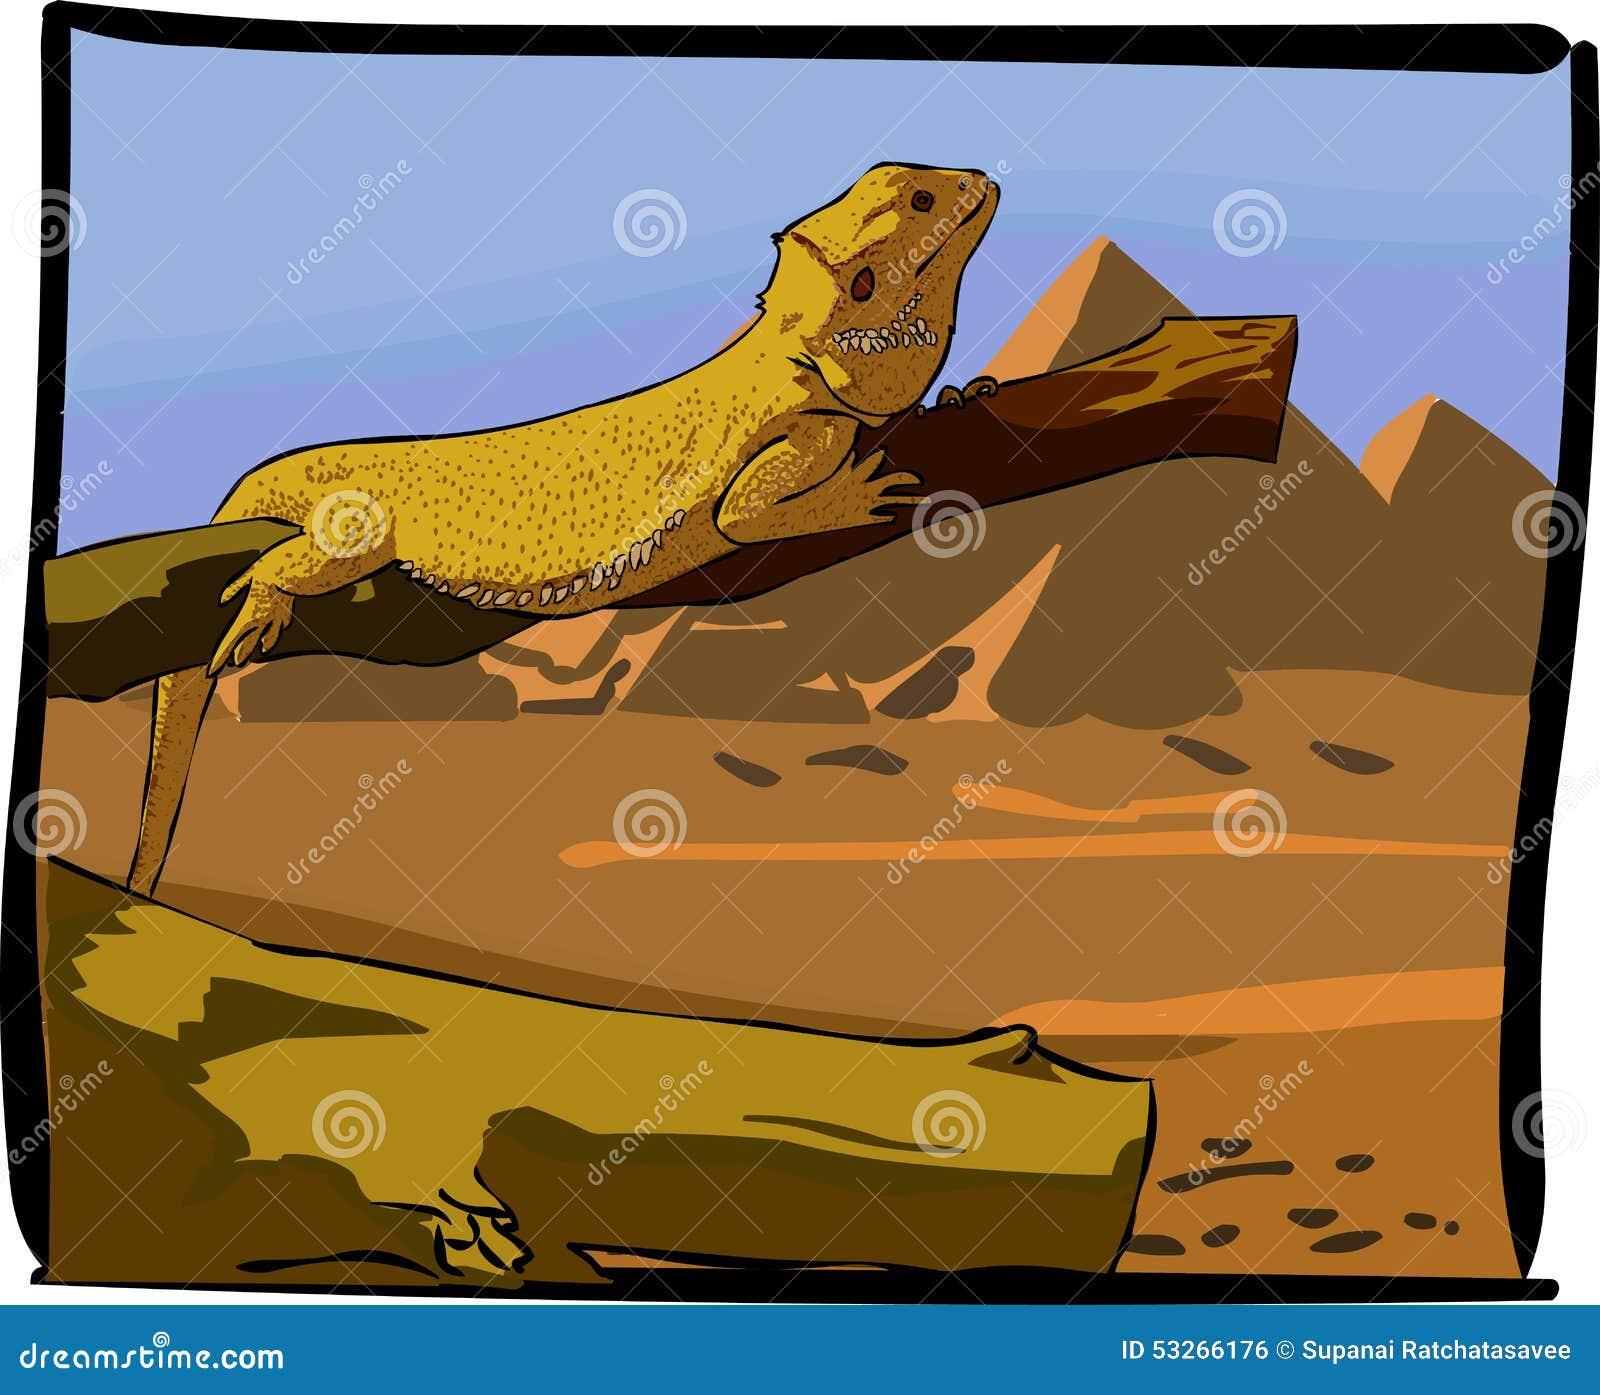 Desert lizards stock vector. Illustration of horizontal ...